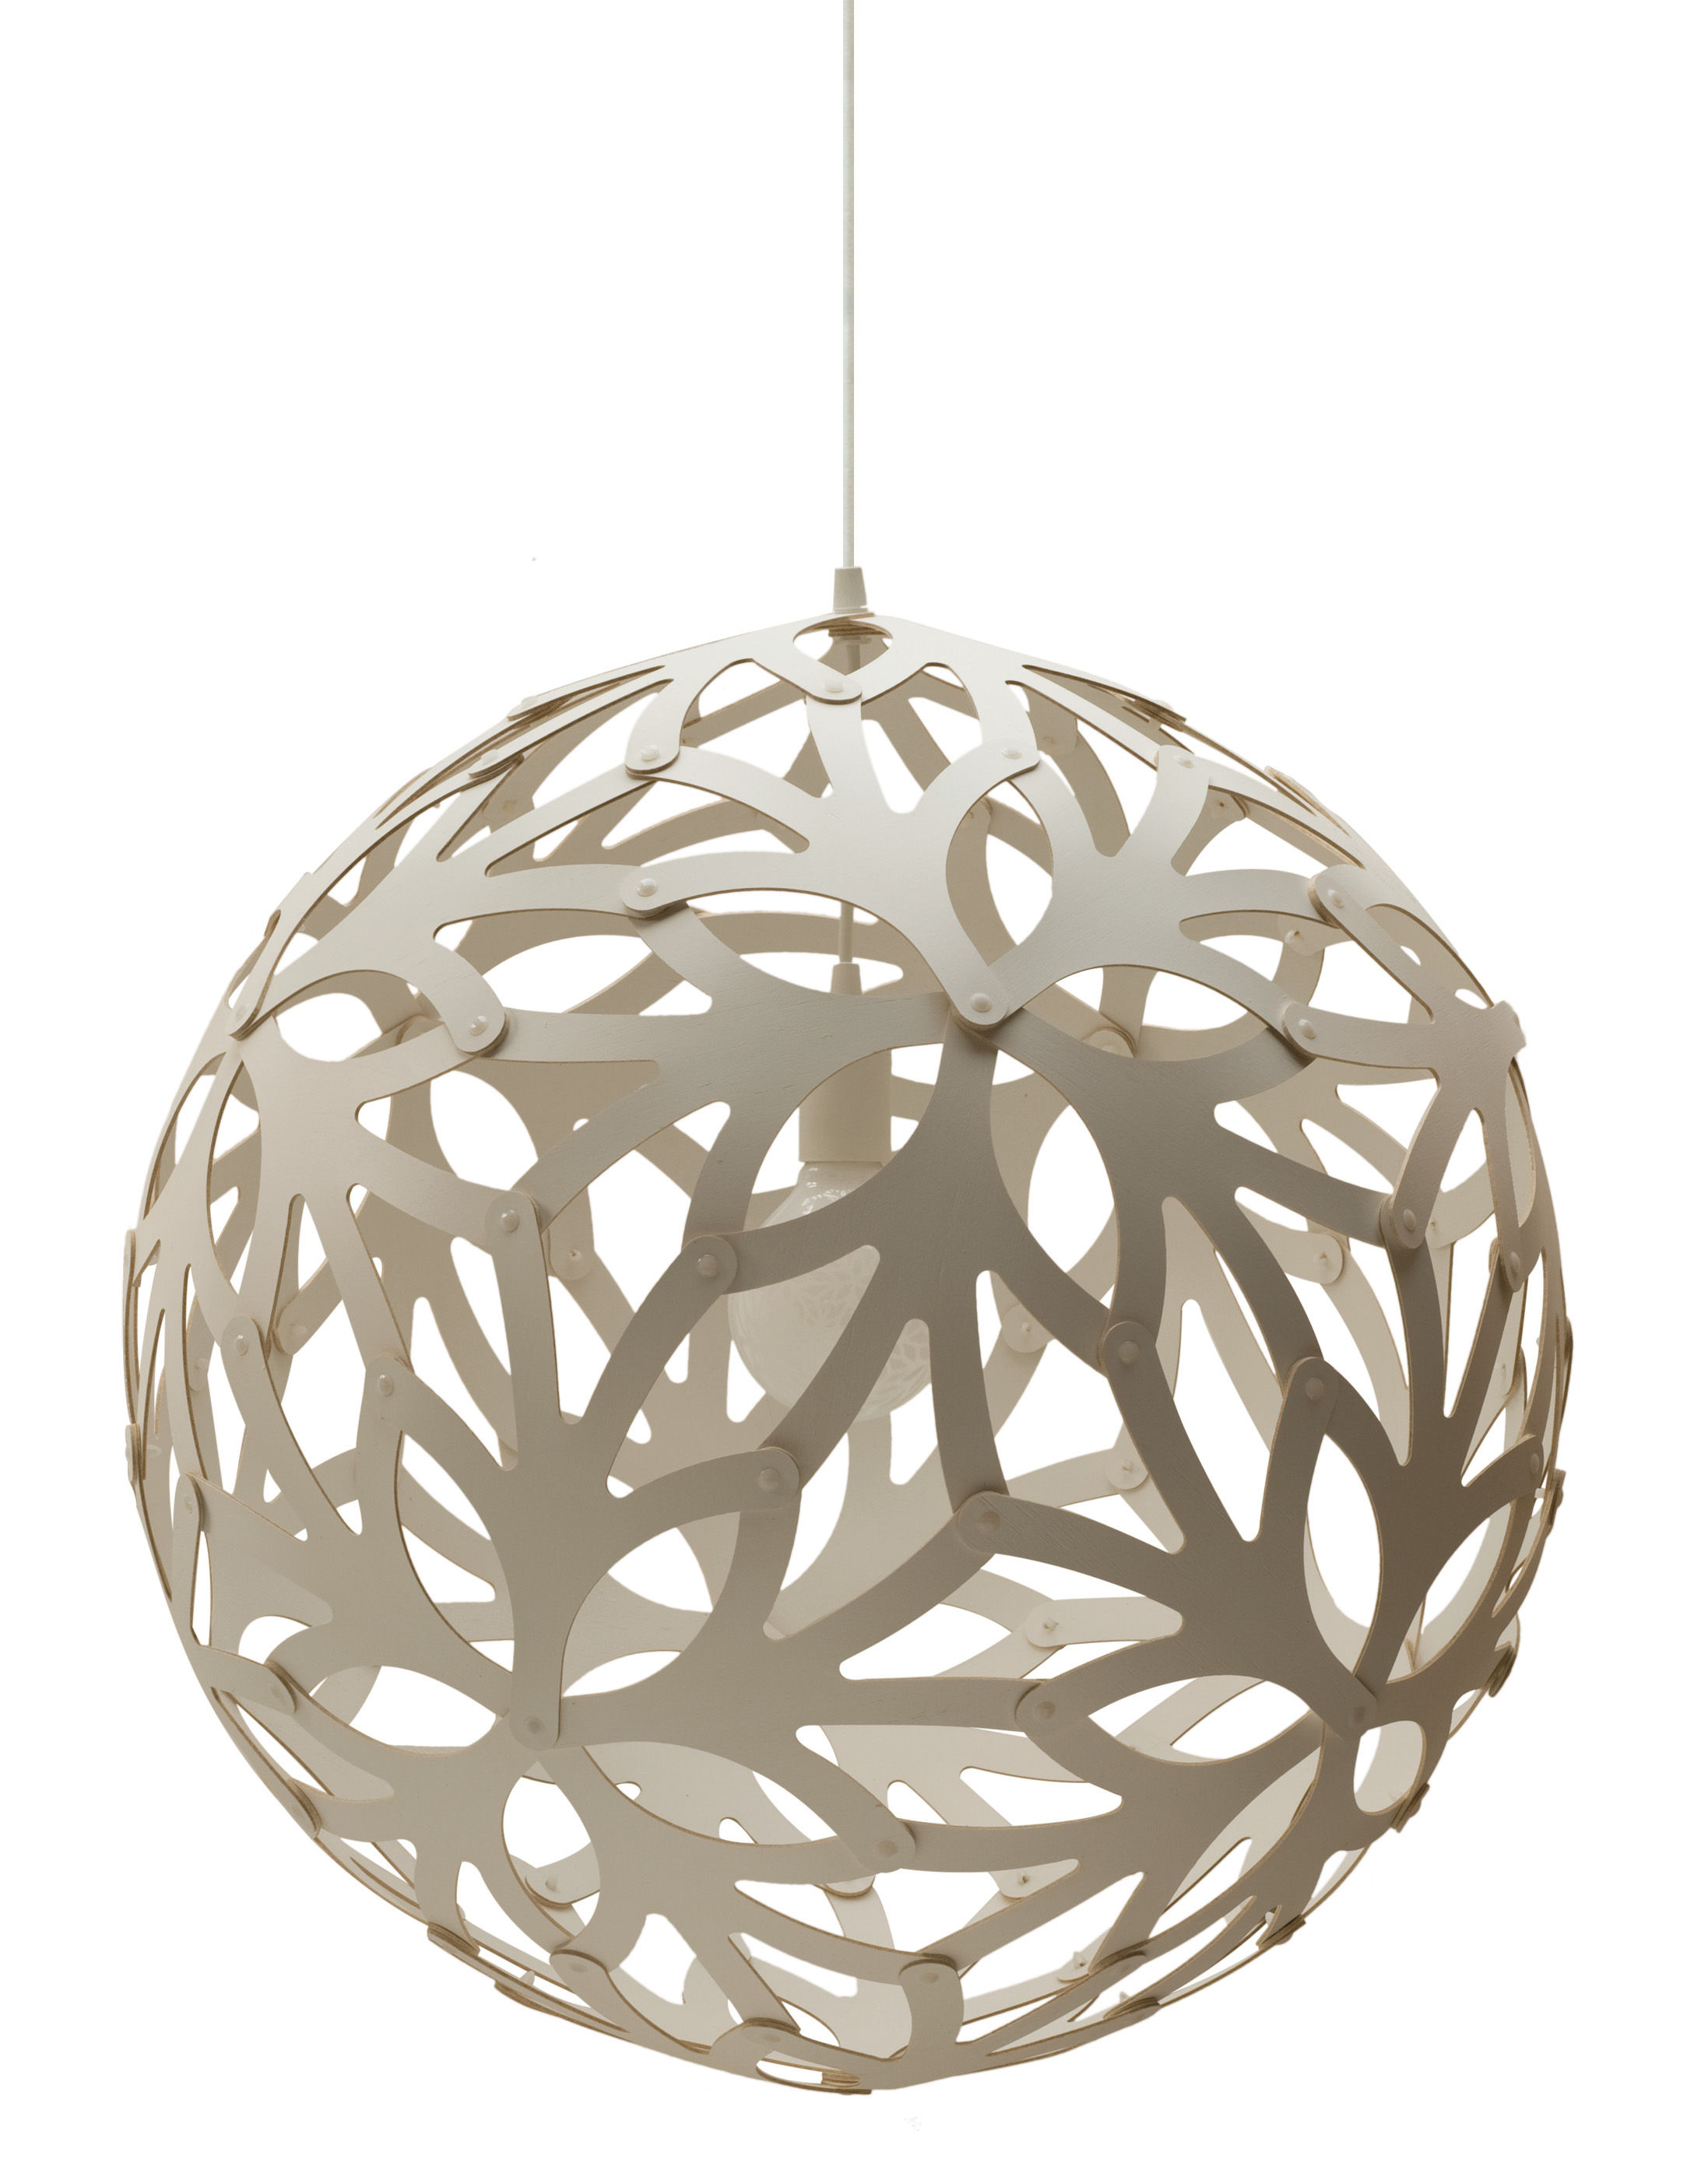 Luminaire - Suspensions - Suspension Floral / Ø 40 cm - Blanc - David Trubridge - Blanc - Pin